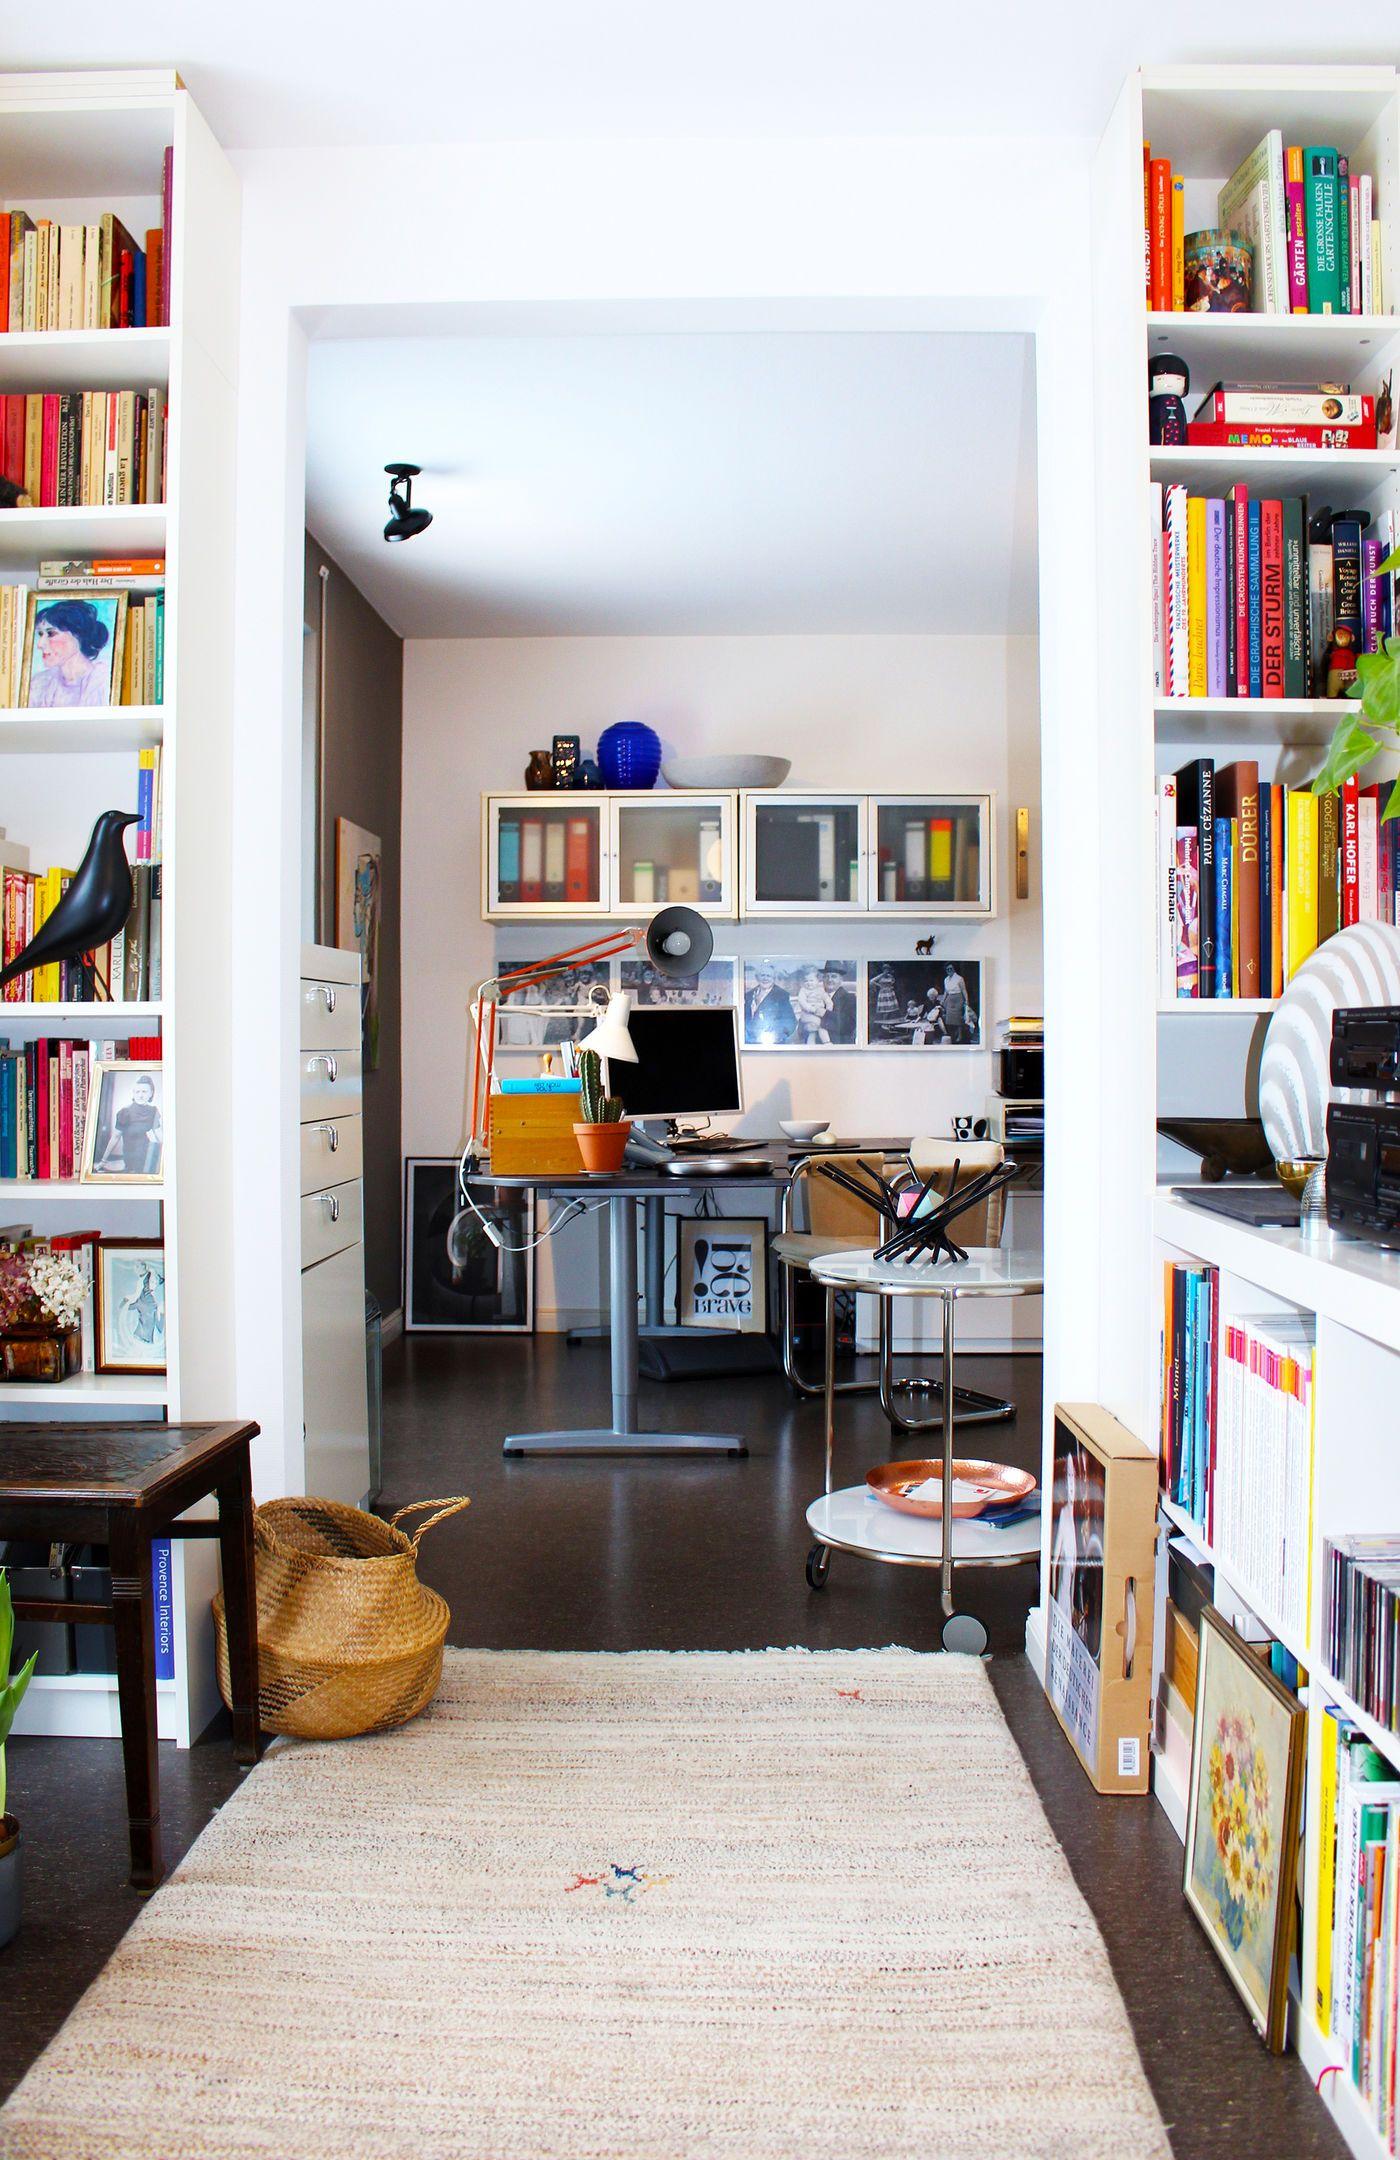 arbeitszimmer einrichten die besten ideen seite 3. Black Bedroom Furniture Sets. Home Design Ideas